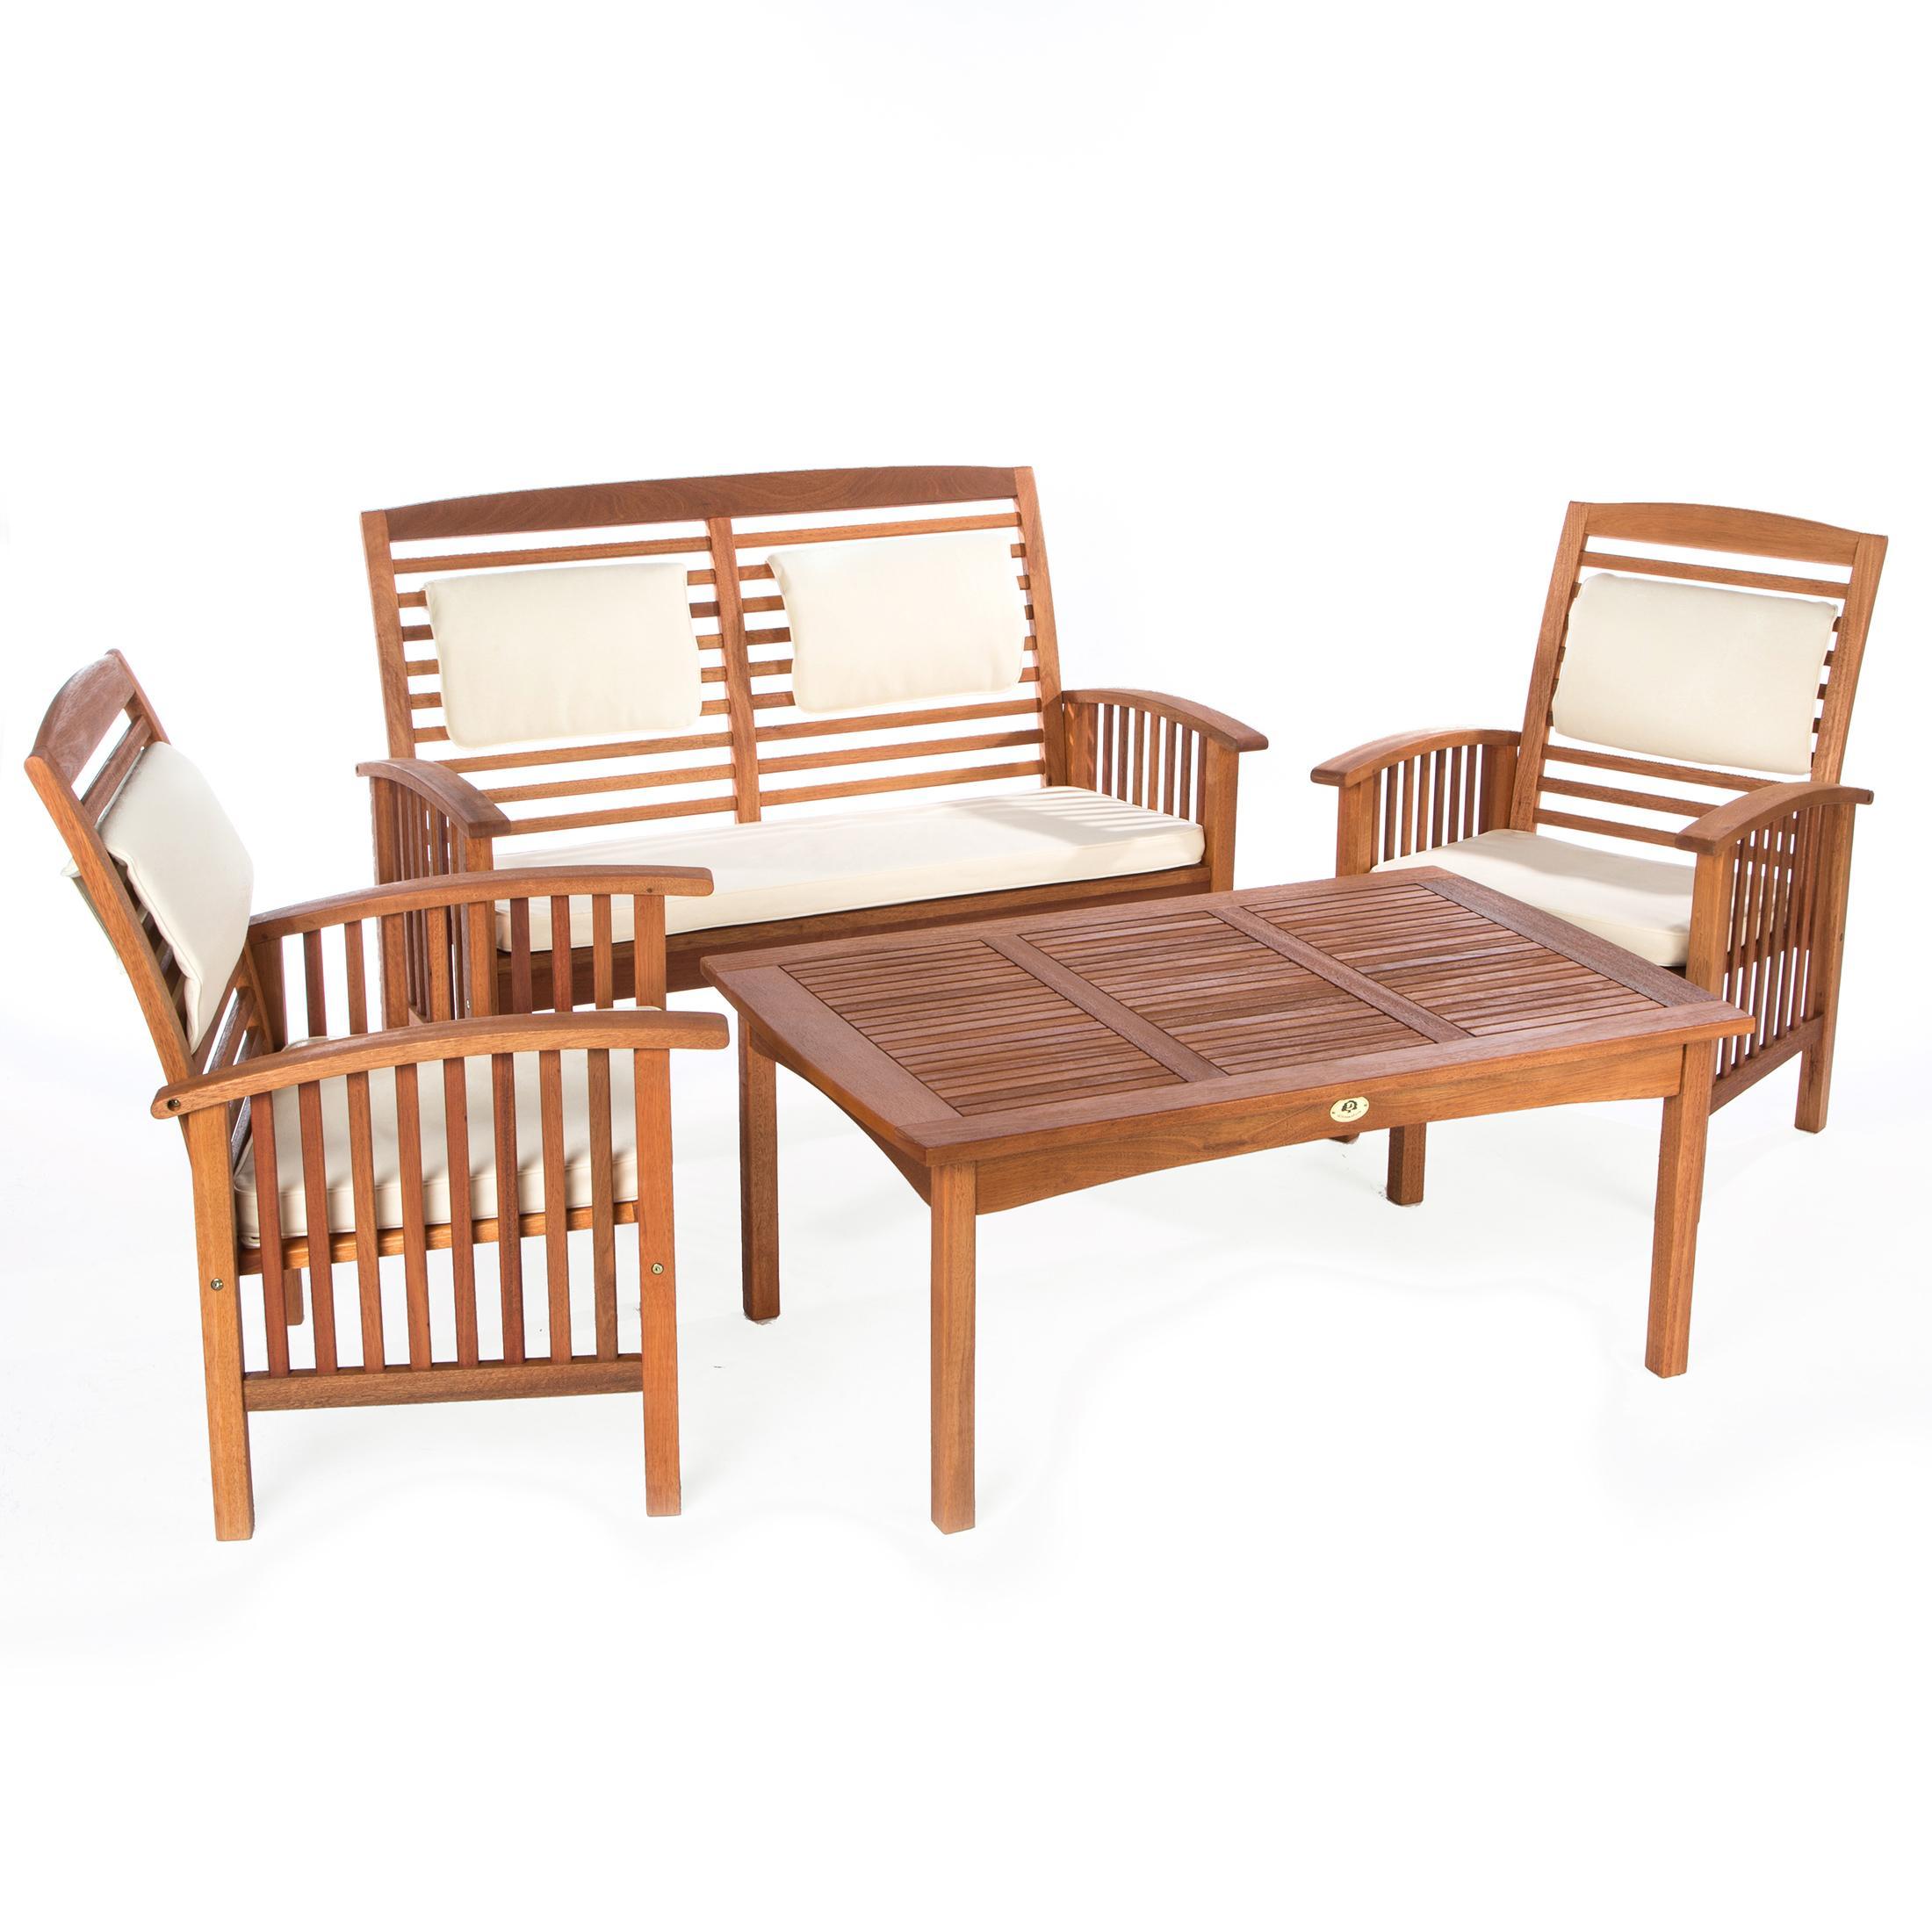 ultranatura table lounge gamme canberra l gant bois d 39 eucalyptus de qualit sup rieure. Black Bedroom Furniture Sets. Home Design Ideas